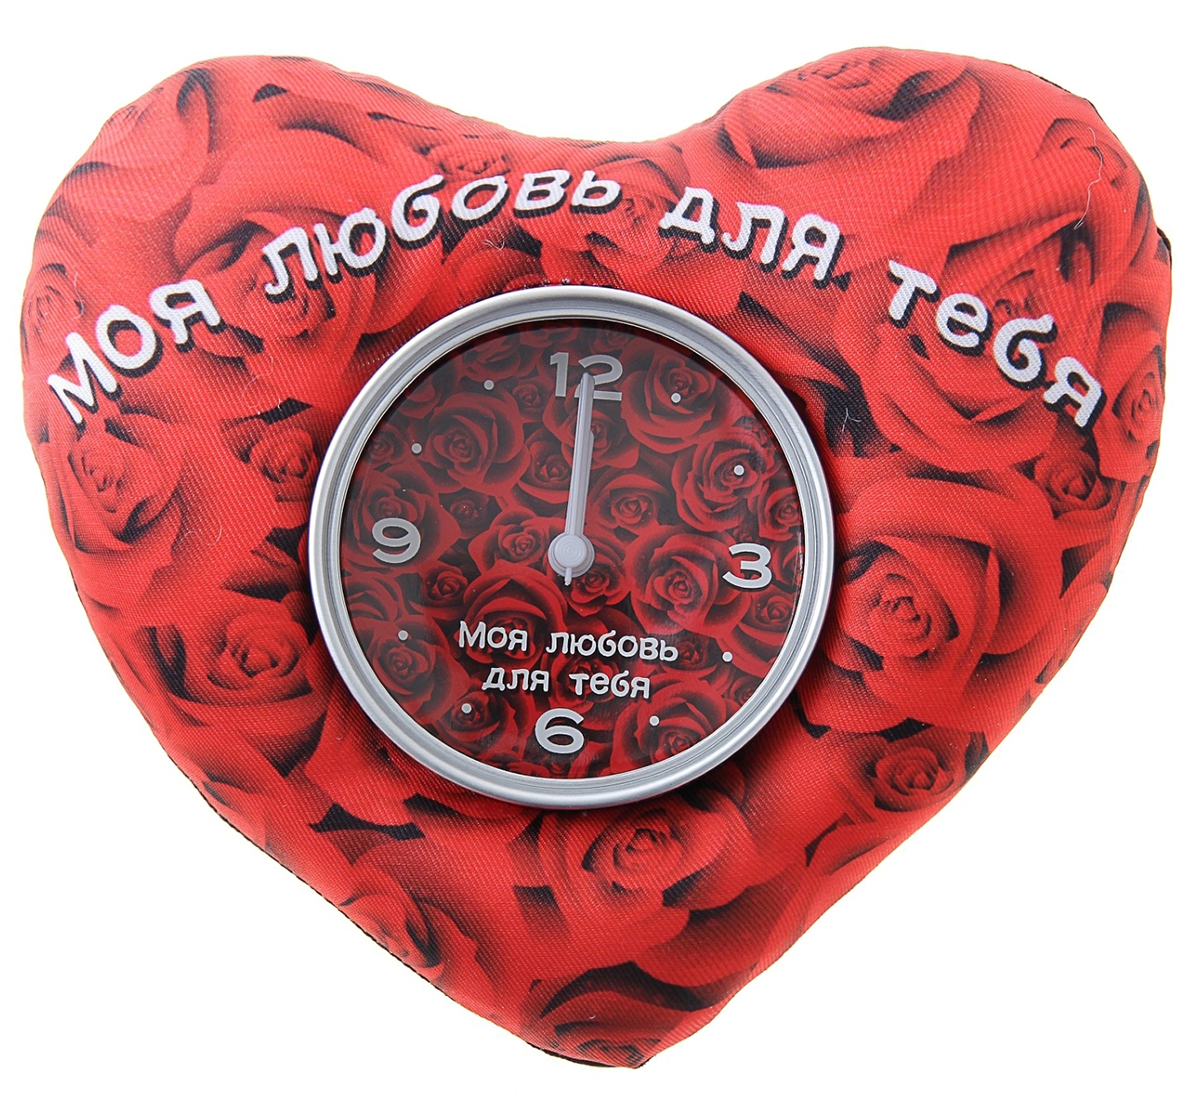 Часы настольные Розы, 16 х 19 см. 760847760847Такого мы еще не видели! Мягкие настольные часы, которые потрясают воображение. ##Name## – это удивительной красоты подарок для любимых, который способен в полной мере выразить ваши чувства. Вторая половинка останется в восторге от такого знака внимания. В чем же преимущества этой модели? Форма Оригинальность идеи Универсальность в использовании Смелость выбора цвета при создании такого совершенства Чувственная надпись, способная сказать за вас многое Надежная подставка Удобный «читаемый» циферблат Еще сомневаетесь? Тогда вот еще несколько аргументов: часы послужат вам удобной подушкой в случае, если ожидание спутницы затянется на неопределенный срок; имея под рукой такие мягкие часики, уверяем, вы избежите жертв при скандале, ведь кидаться ими не только безболезненно, но и забавно; а на случай, если вы решили отдохнуть Часы настольные Моя любовь для тебя, магнит и подставка – идеальный вариант. Мягкую часть используйте в качестве подушки, а часы, чтобы следить за временем; также обратите внимание: мягкий «корпус» спасет часовой механизм от всех ударов судьбы. Представьте лицо любимого человека, когда он будет принимать от вас такой знак внимания. Мы вас уверяем, без улыбки и слов благодарности здесь не обойдется. Поэтому спешите, заказывайте Часы настольные Моя любовь для тебя, магнит и подставка прямо сейчас и спешите на свидание к любимому человеку.